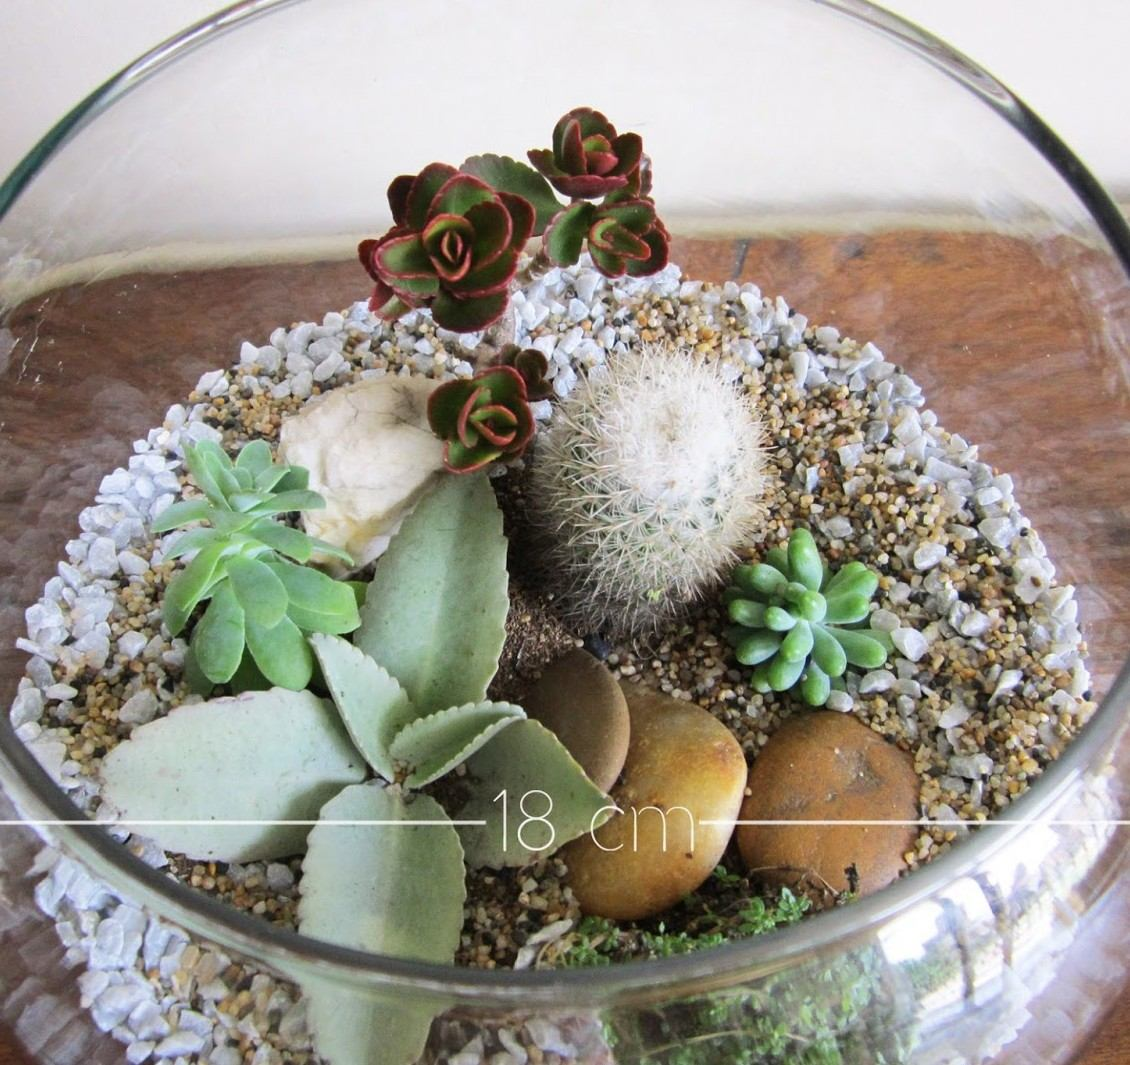 Terrarios plantas suculentas y cactus regalos for Curso cactus y suculentas